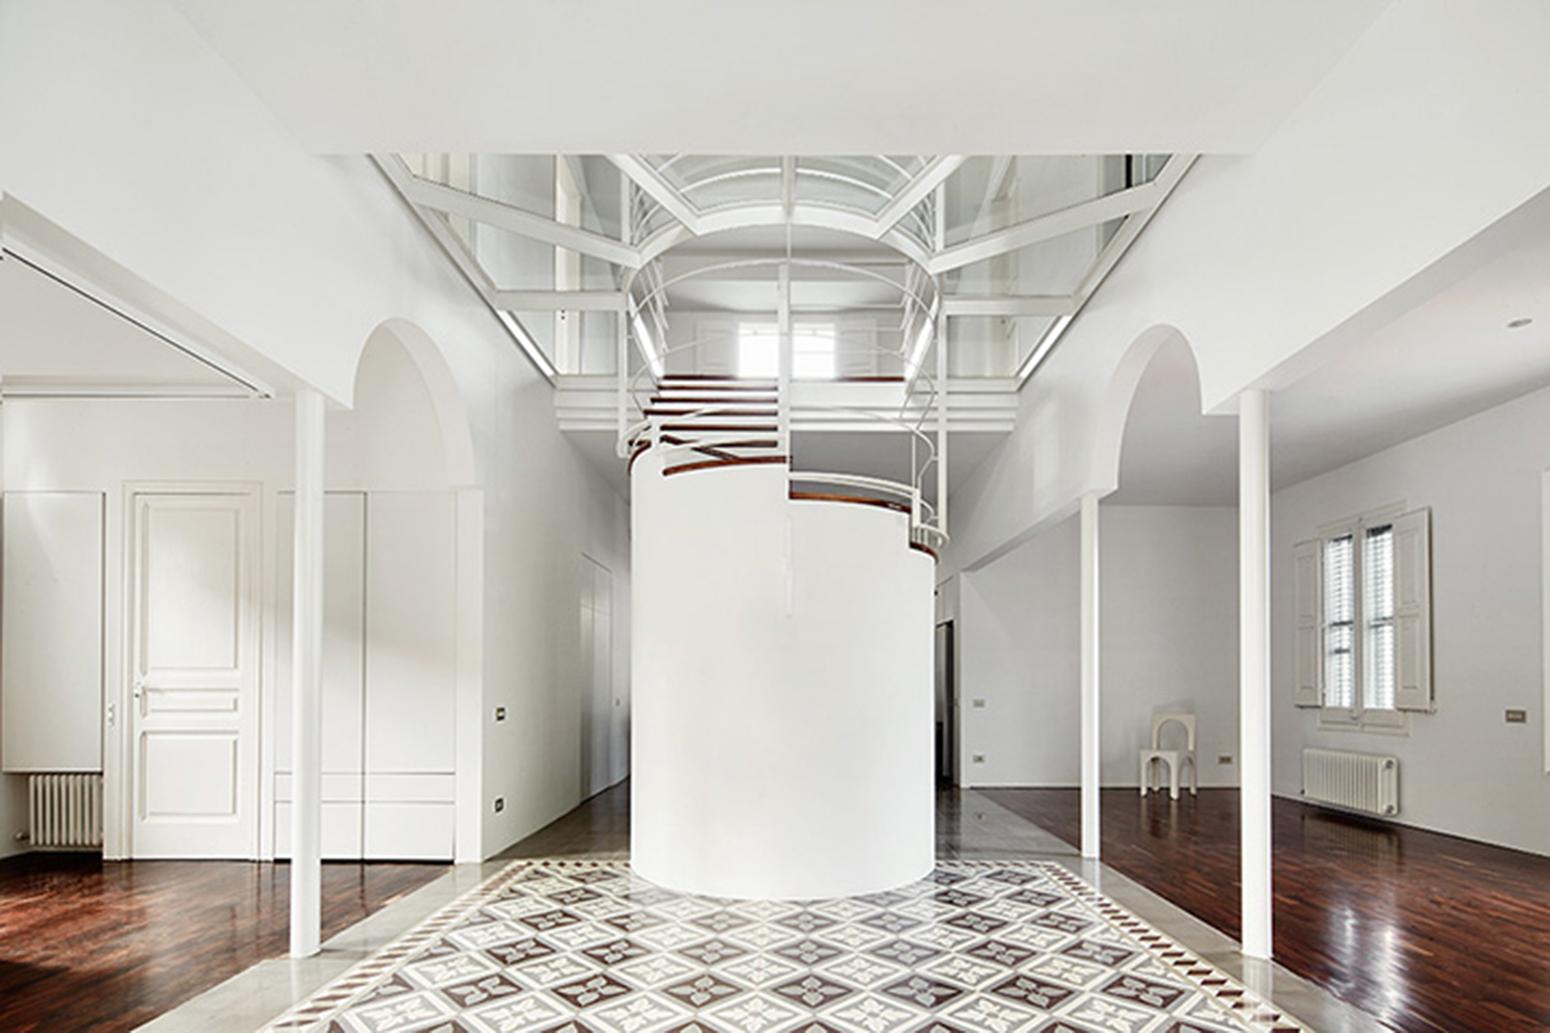 Arquitectura interior en una villa noucentista - Arquitectura interior ...